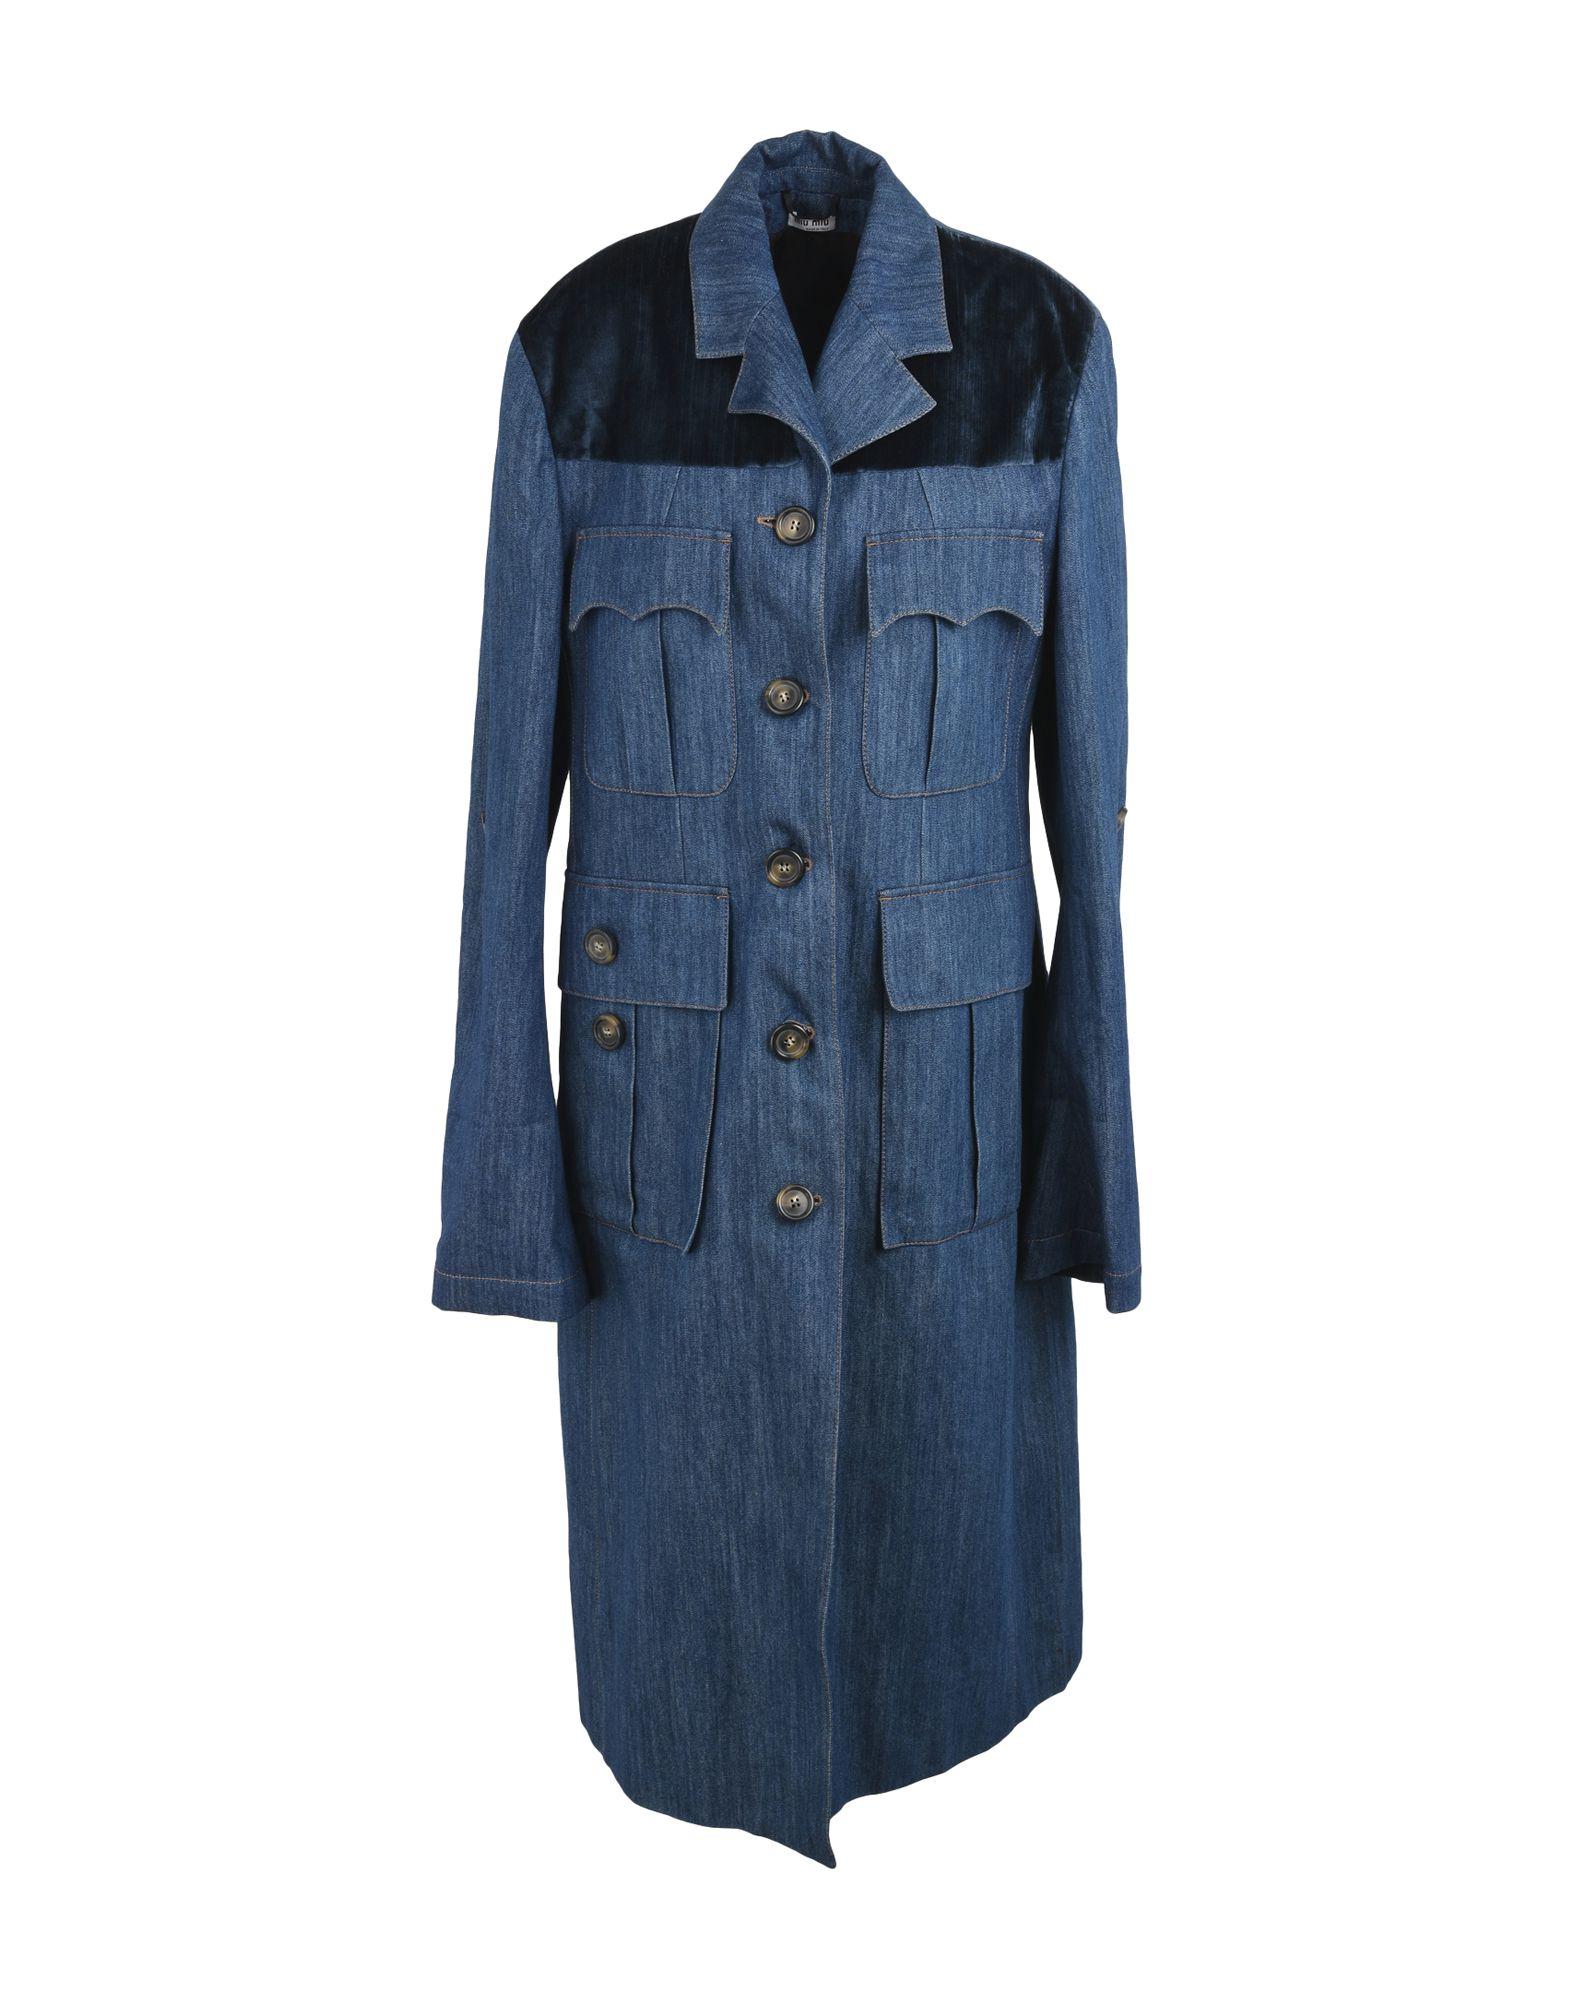 MIU MIU Джинсовая верхняя одежда цена и фото